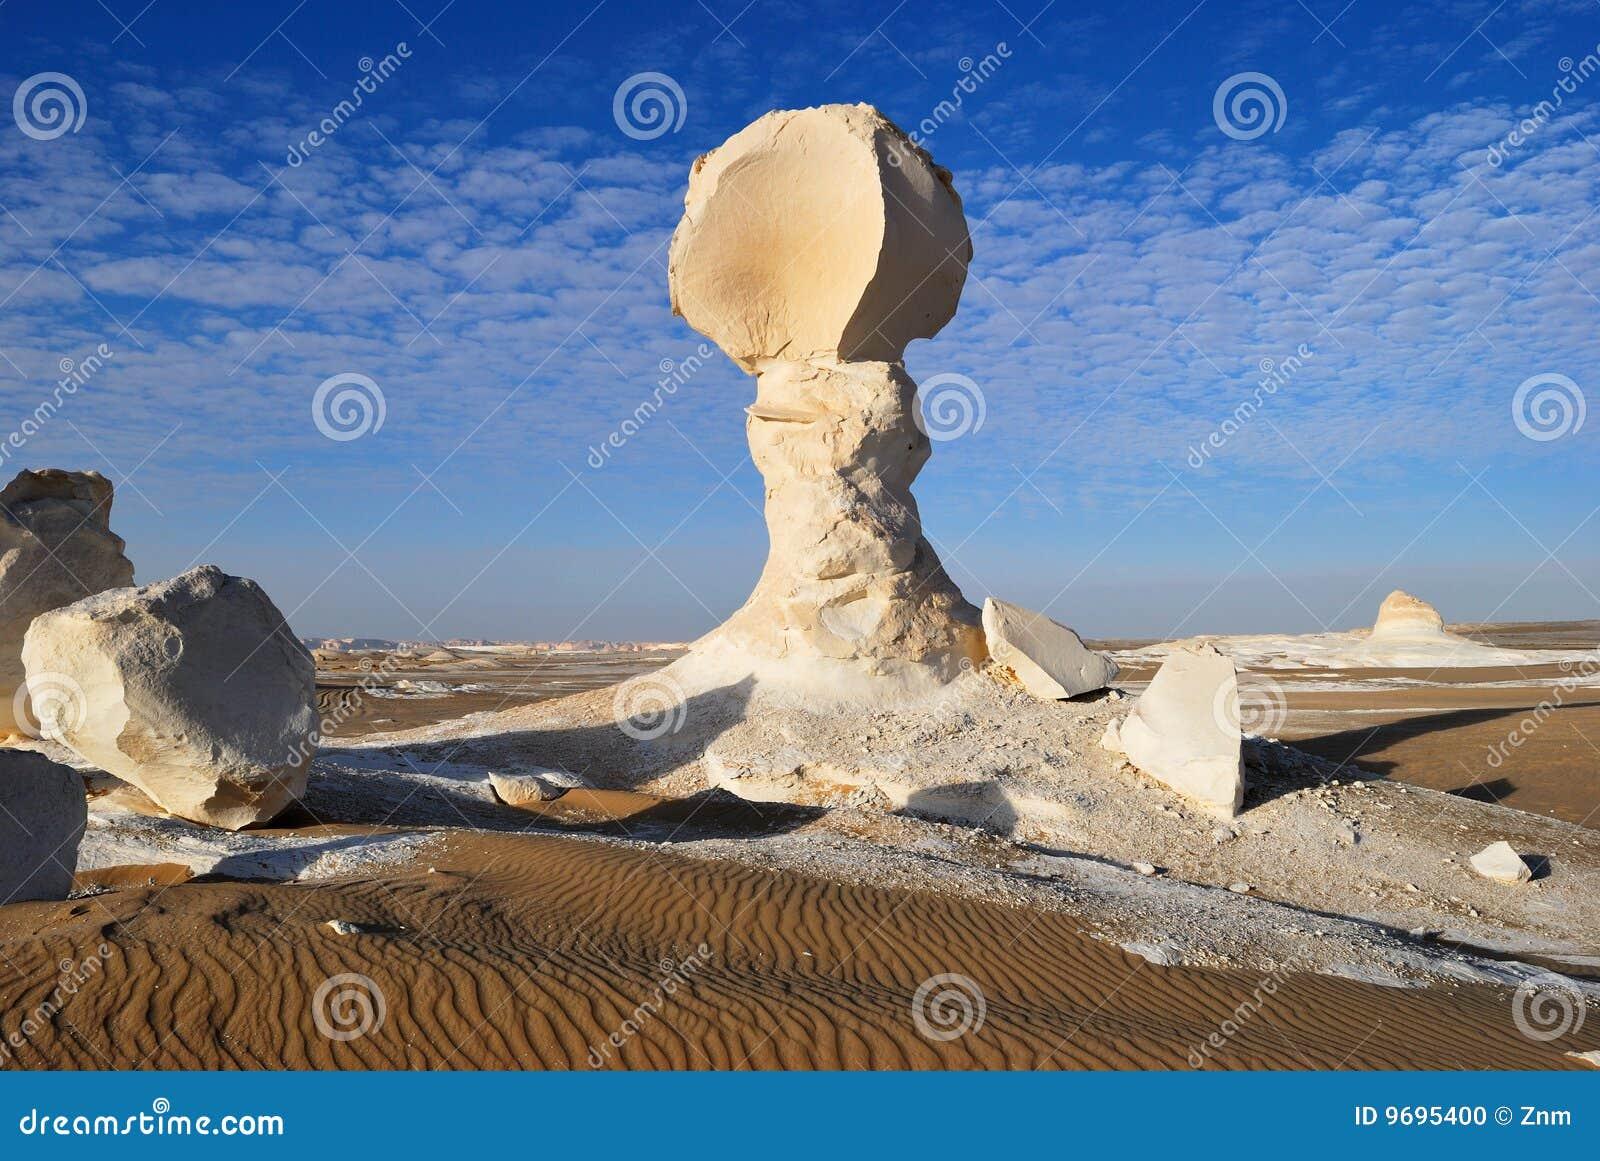 De kalksteenvorming in de woestijn